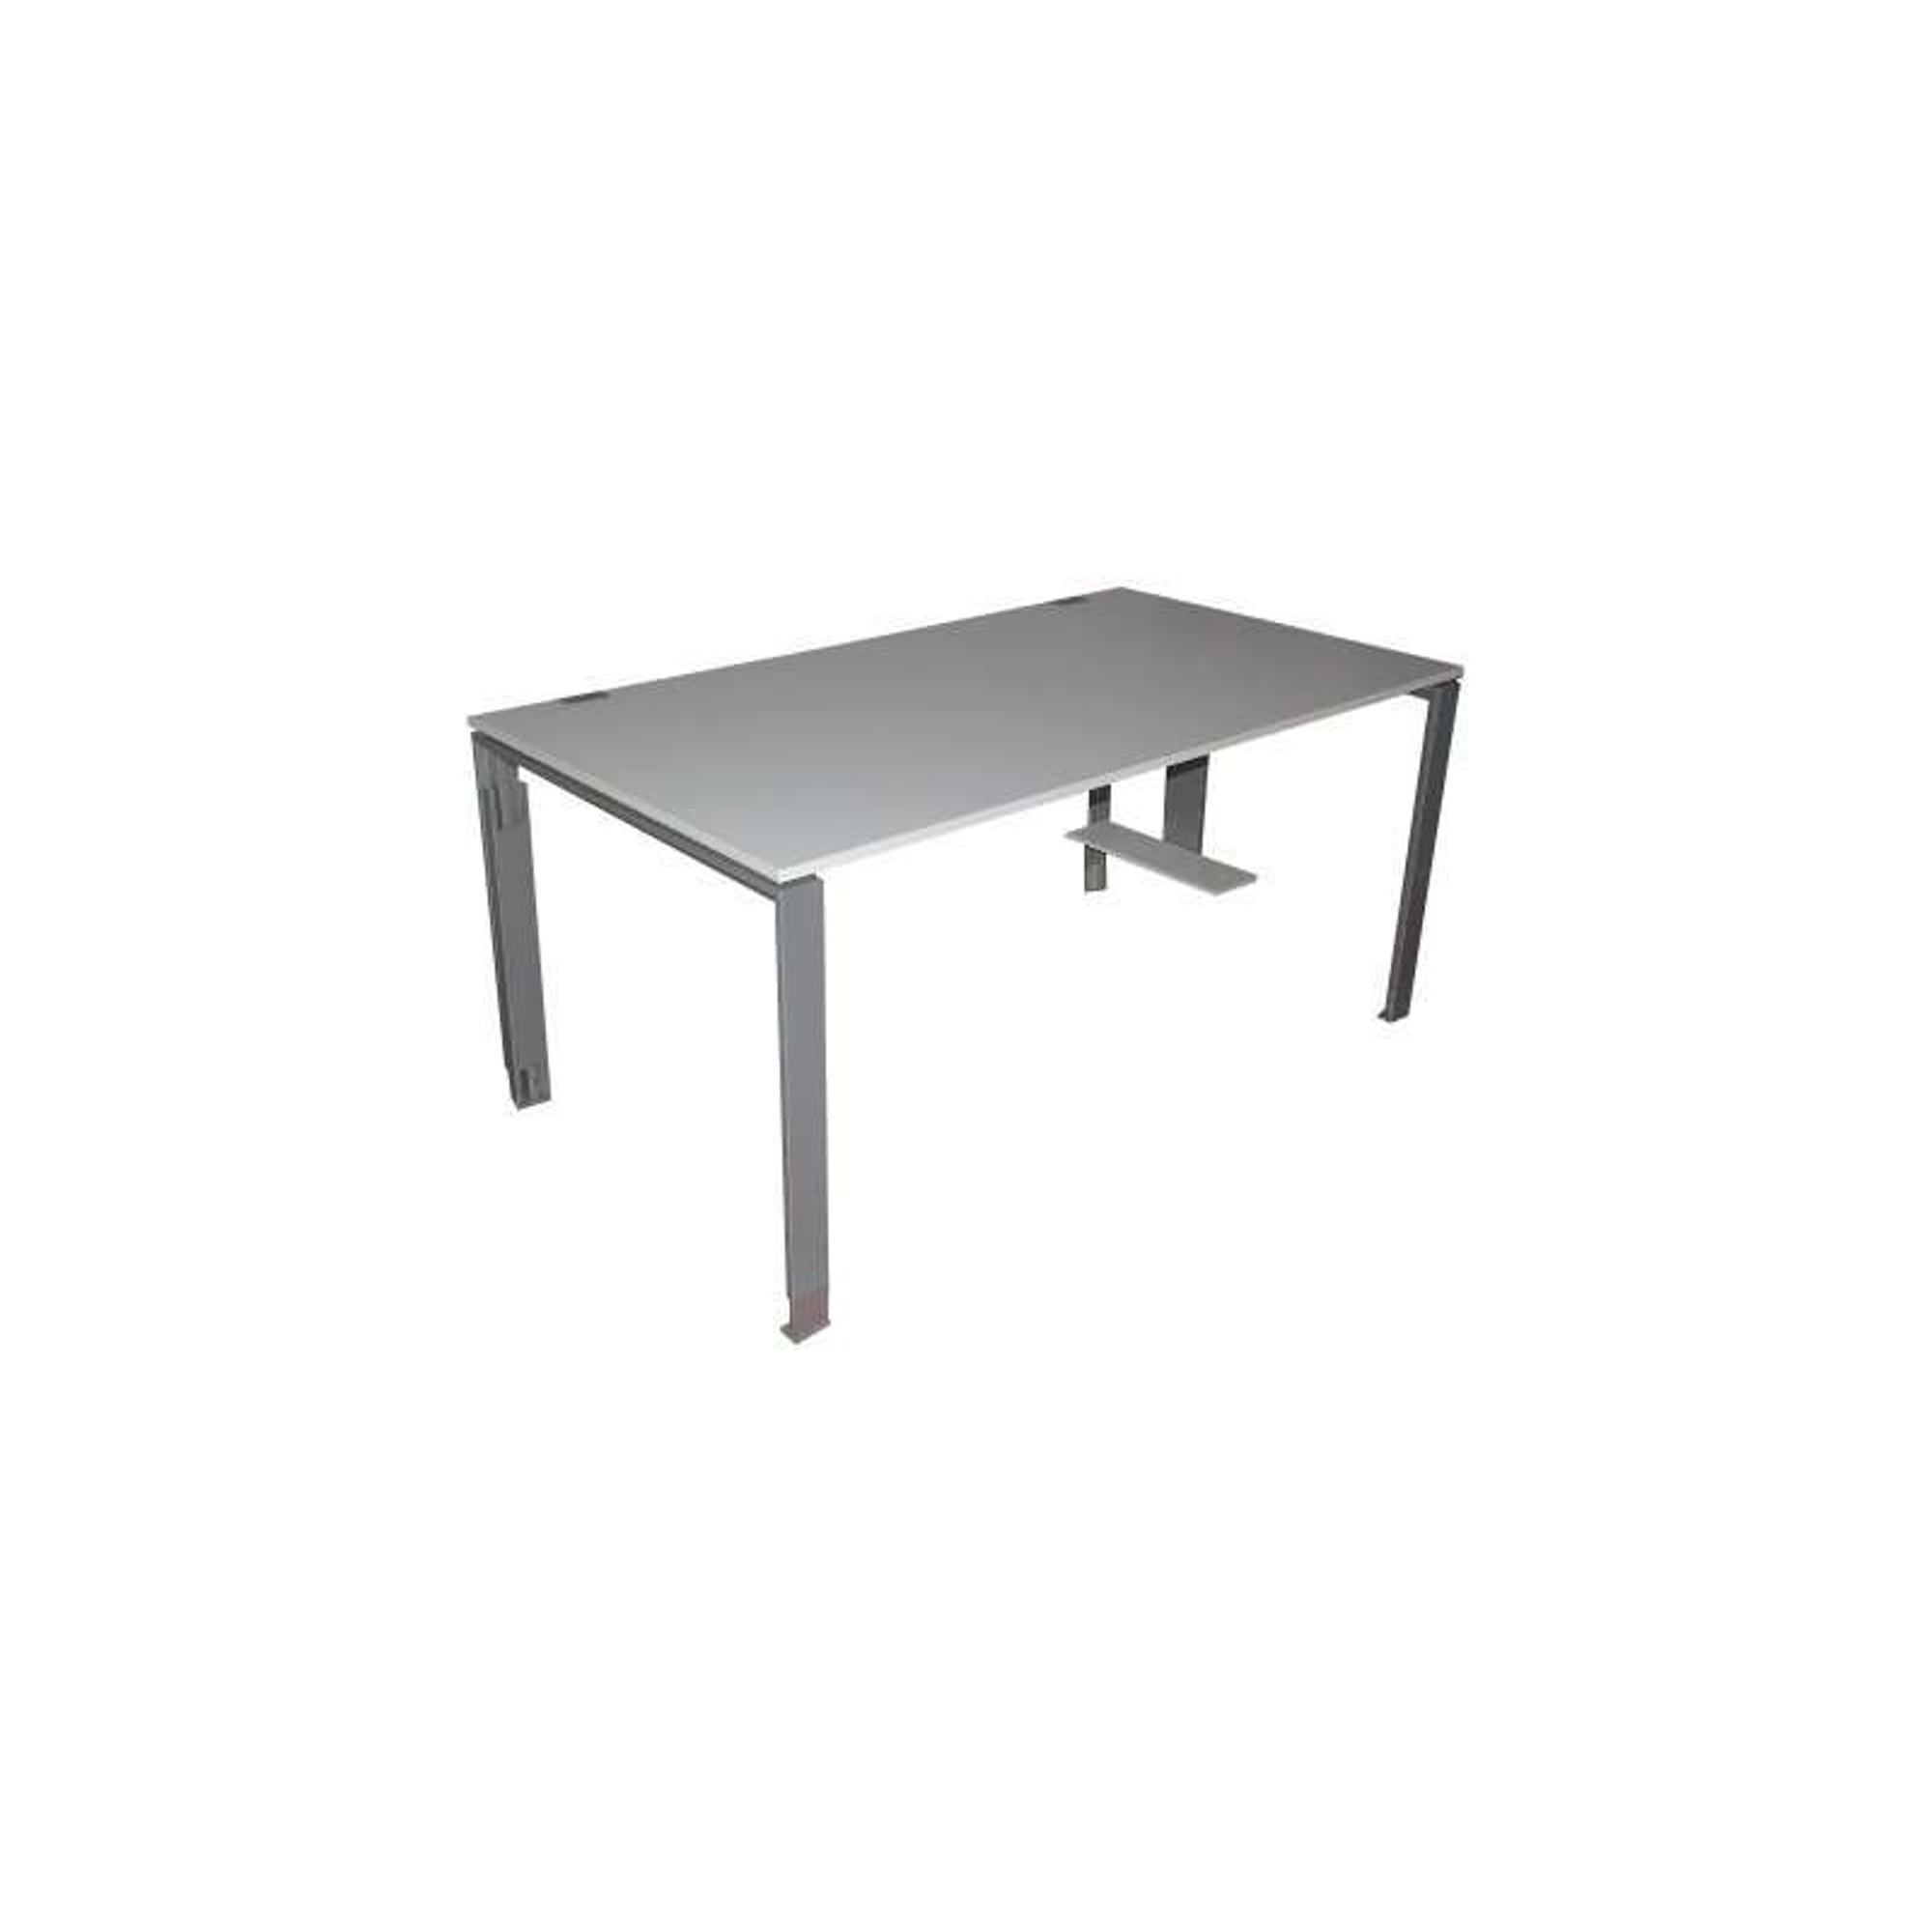 Schreibtischplatte weiß  KÖNIG & NEURATH Do It 4 Schreibtisch Platte Weiß 160x90 cm - EUR 229 ...